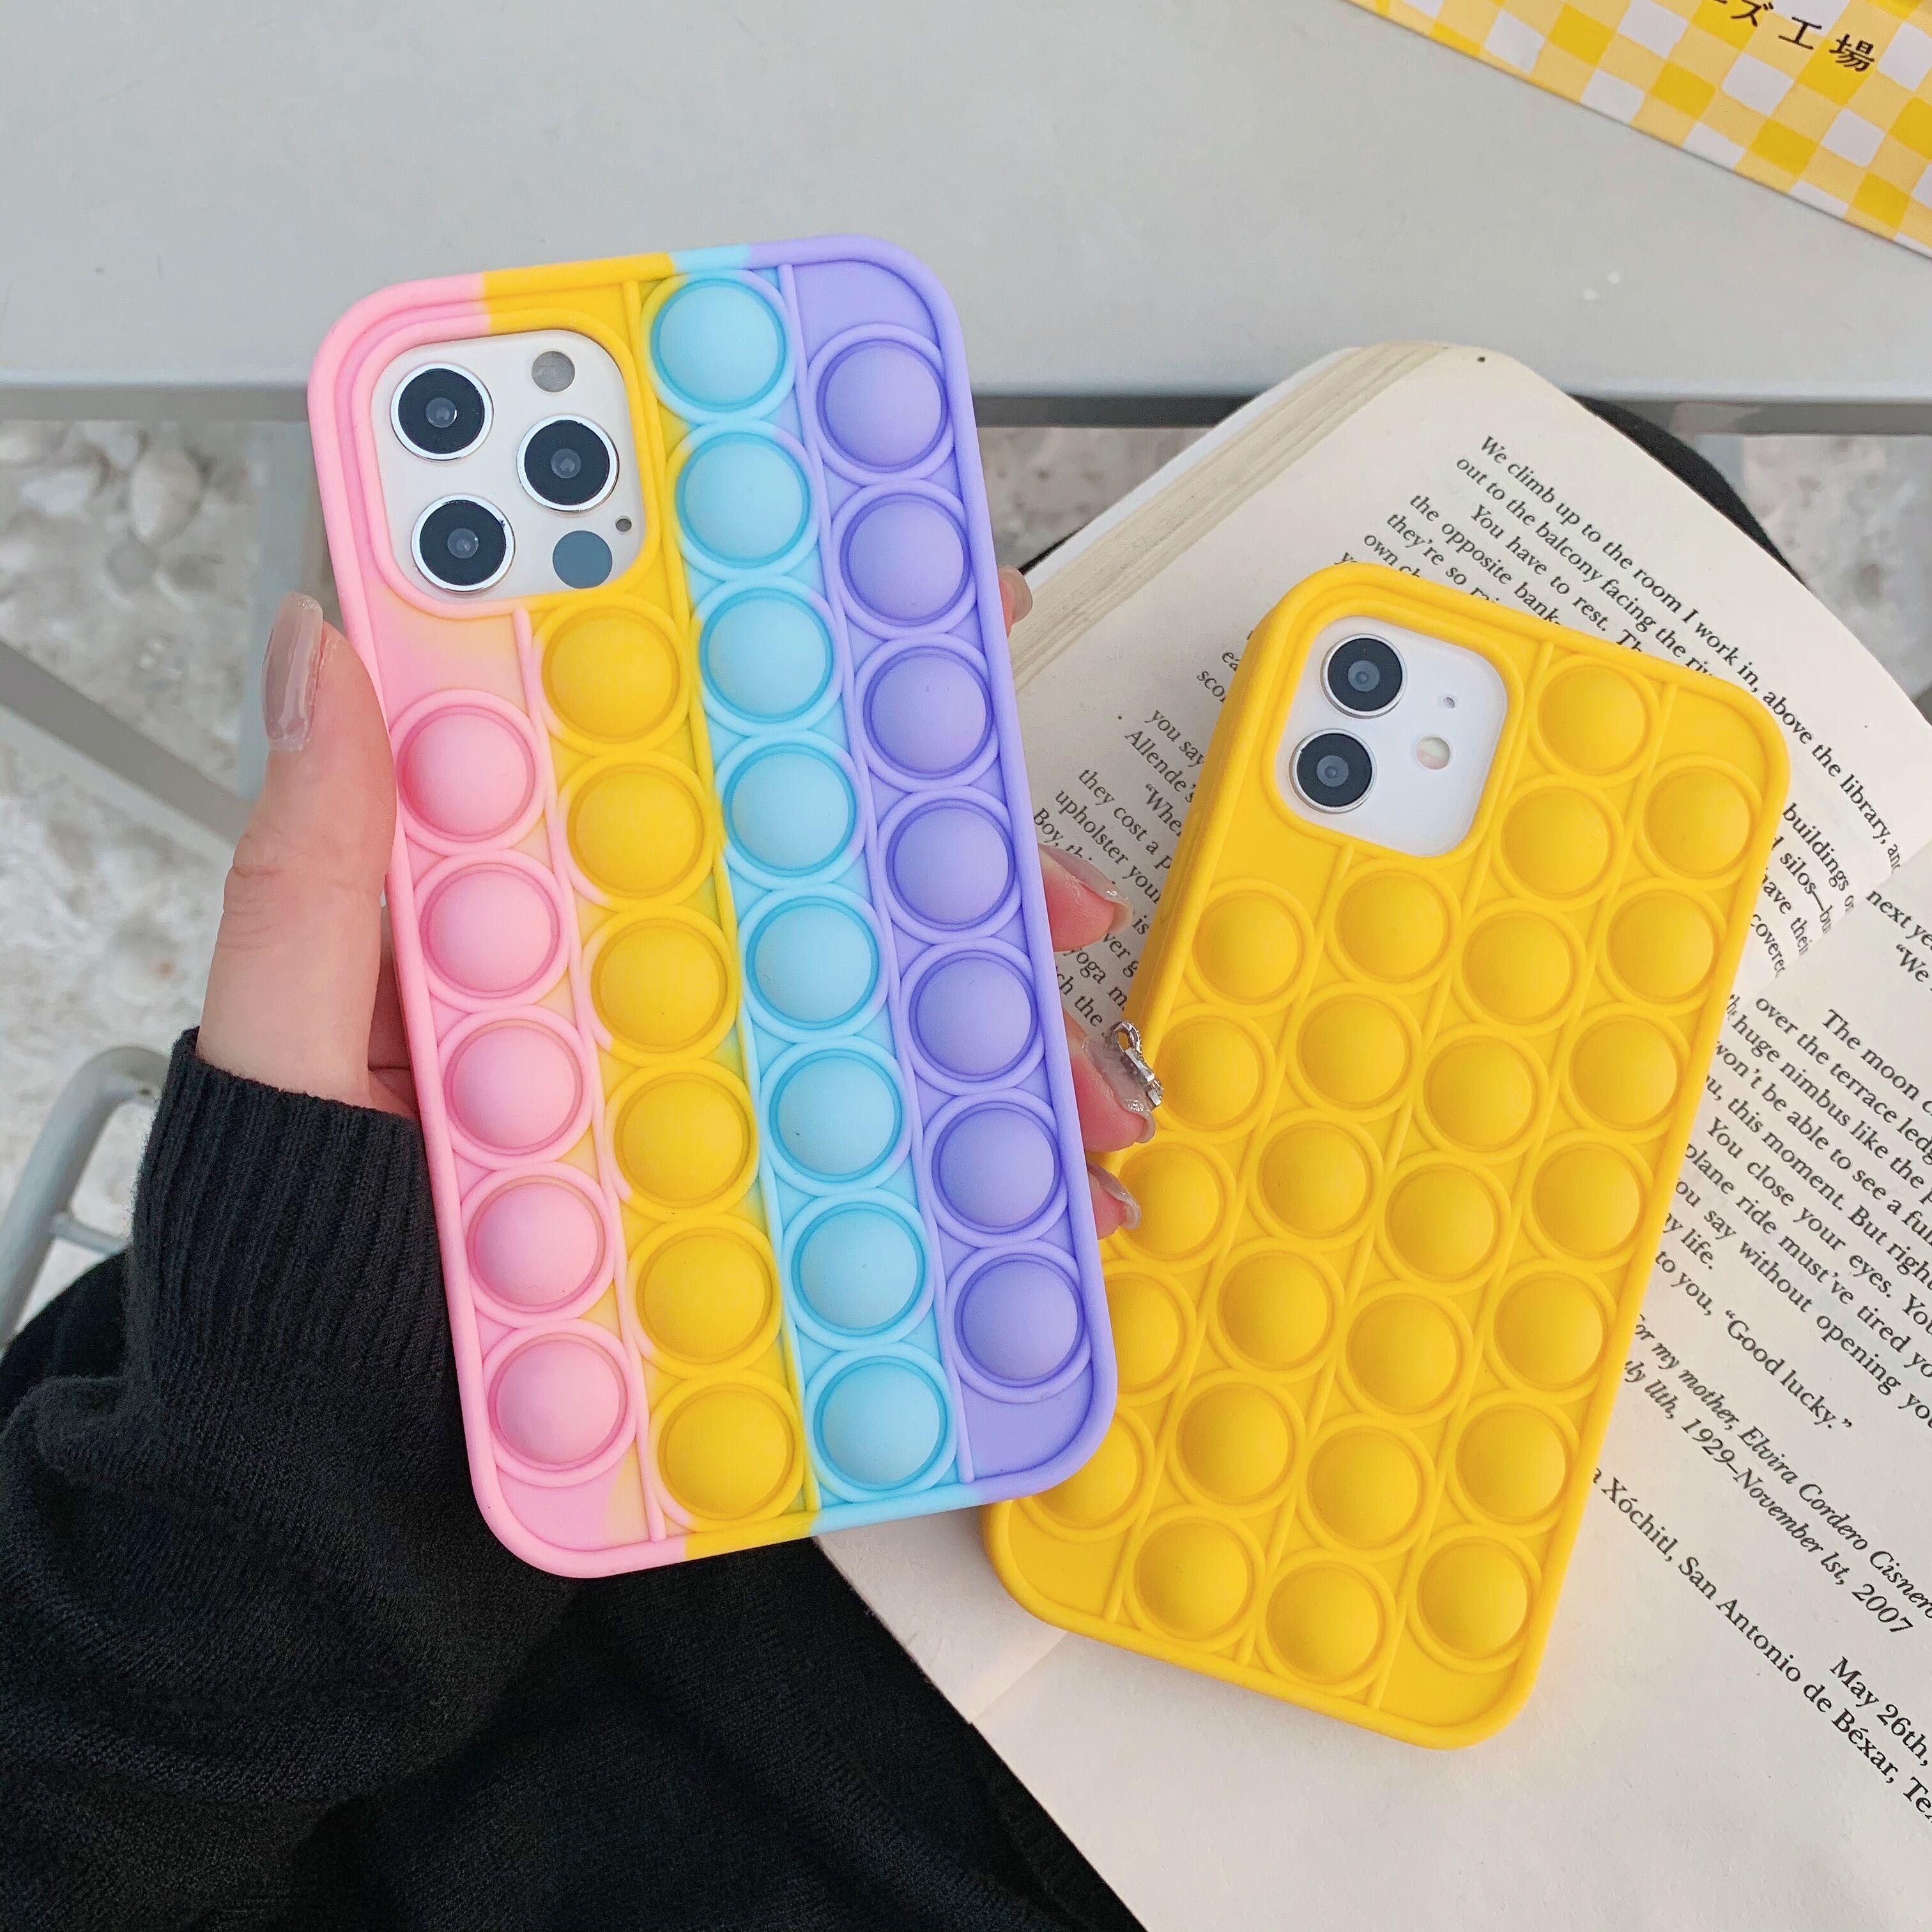 Оживите стресс поп-Непоседа игрушки пуш-ап его пузырь силиконовый чехол для мобильного телефона чехол для Iphone 6, 6s, 7, 8 plus X XR XS 11 12 Pro Max в мягкой...